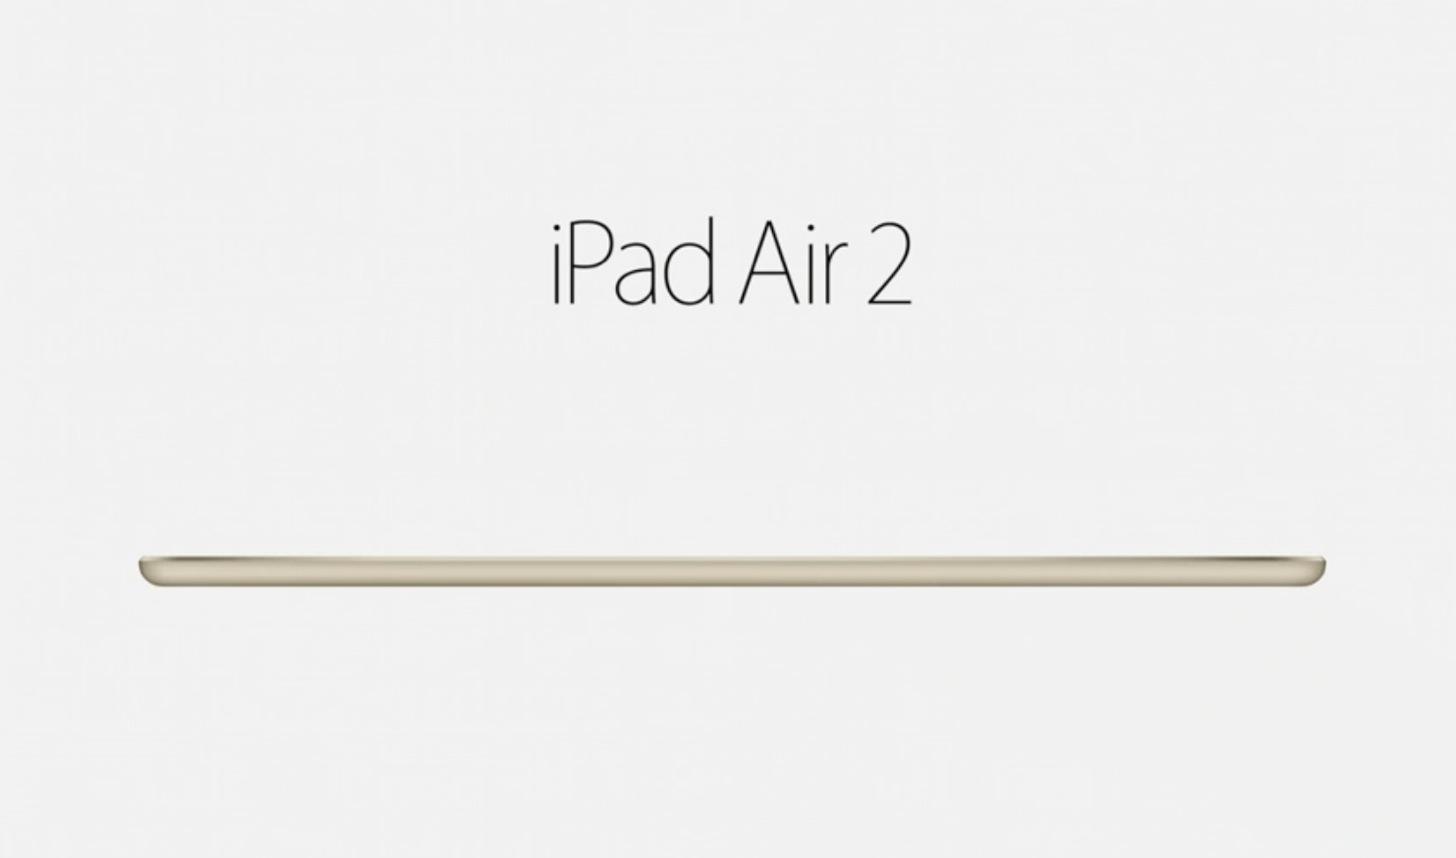 【速報】iPad Air 2が発表!従来より18%も薄く、その厚さは6.1mm。Touch IDやゴールド色も追加。